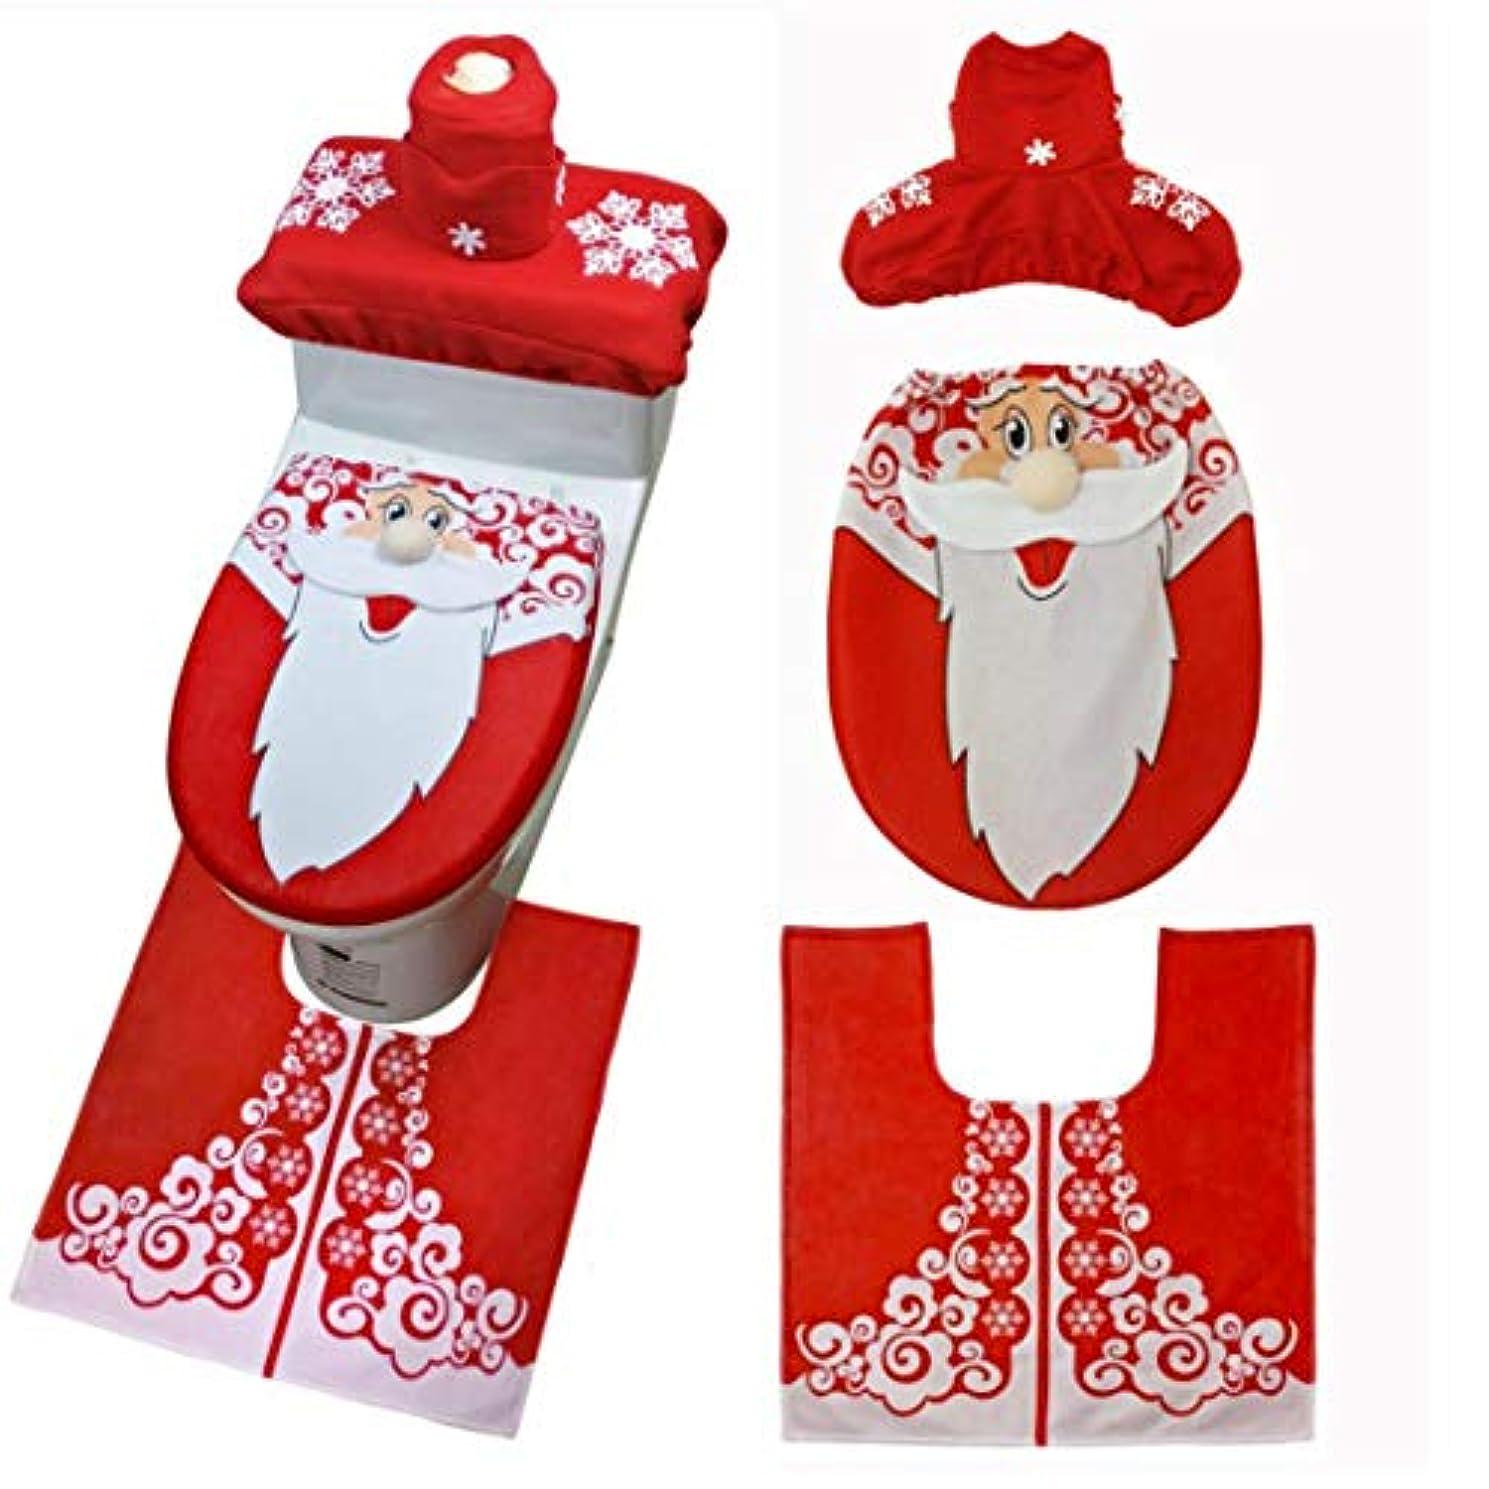 Swiftgood 3ピースクリスマストイレシート&カバーサンタクロースバスルームマットクリスマスかわいい装飾